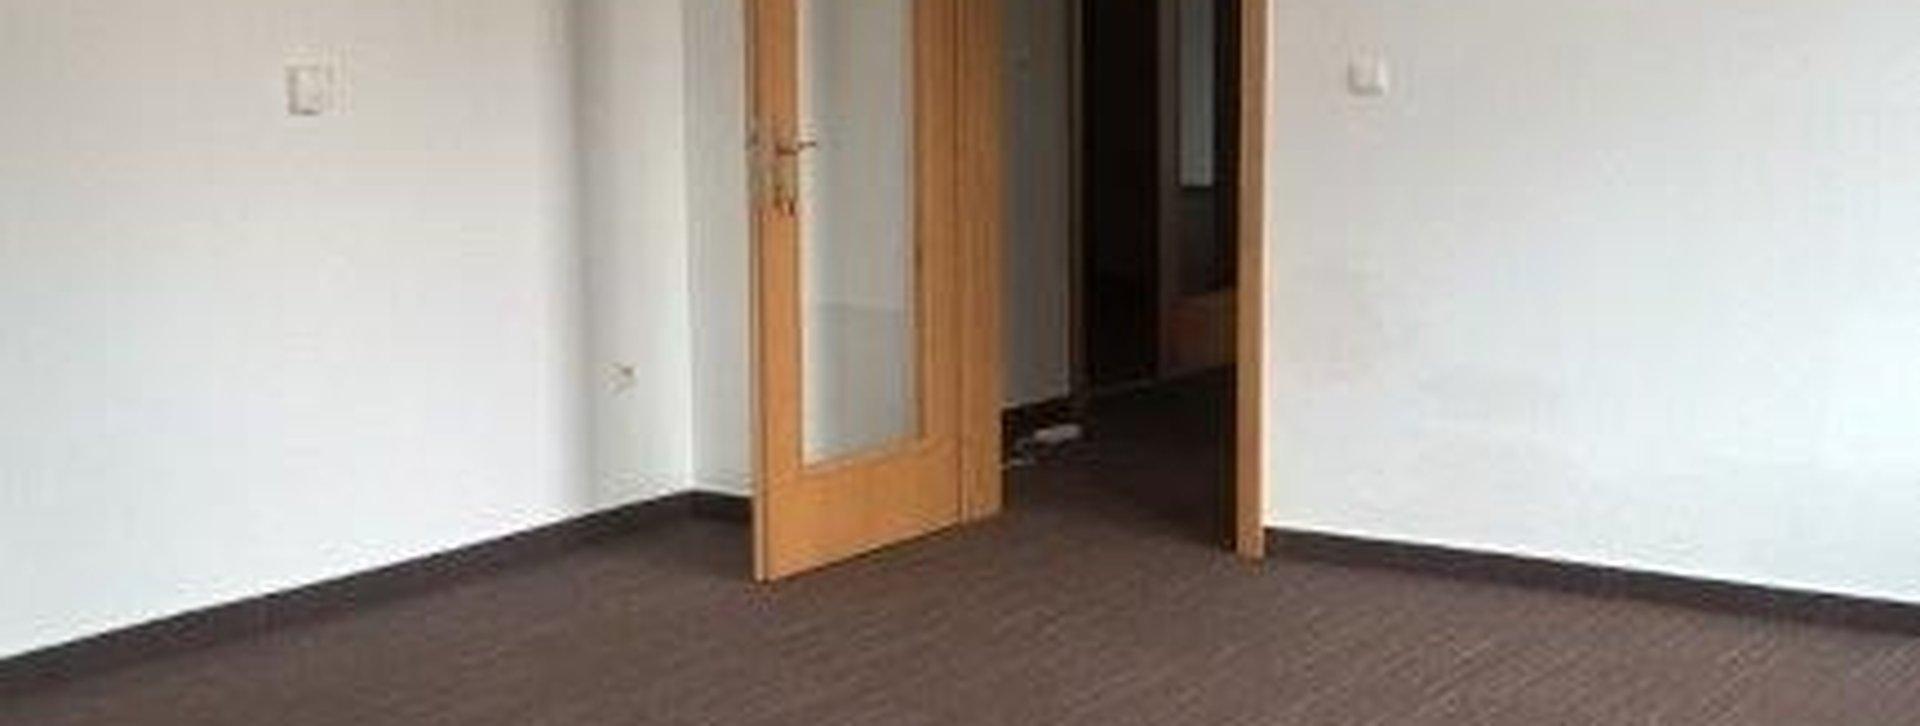 Rajska - interier2